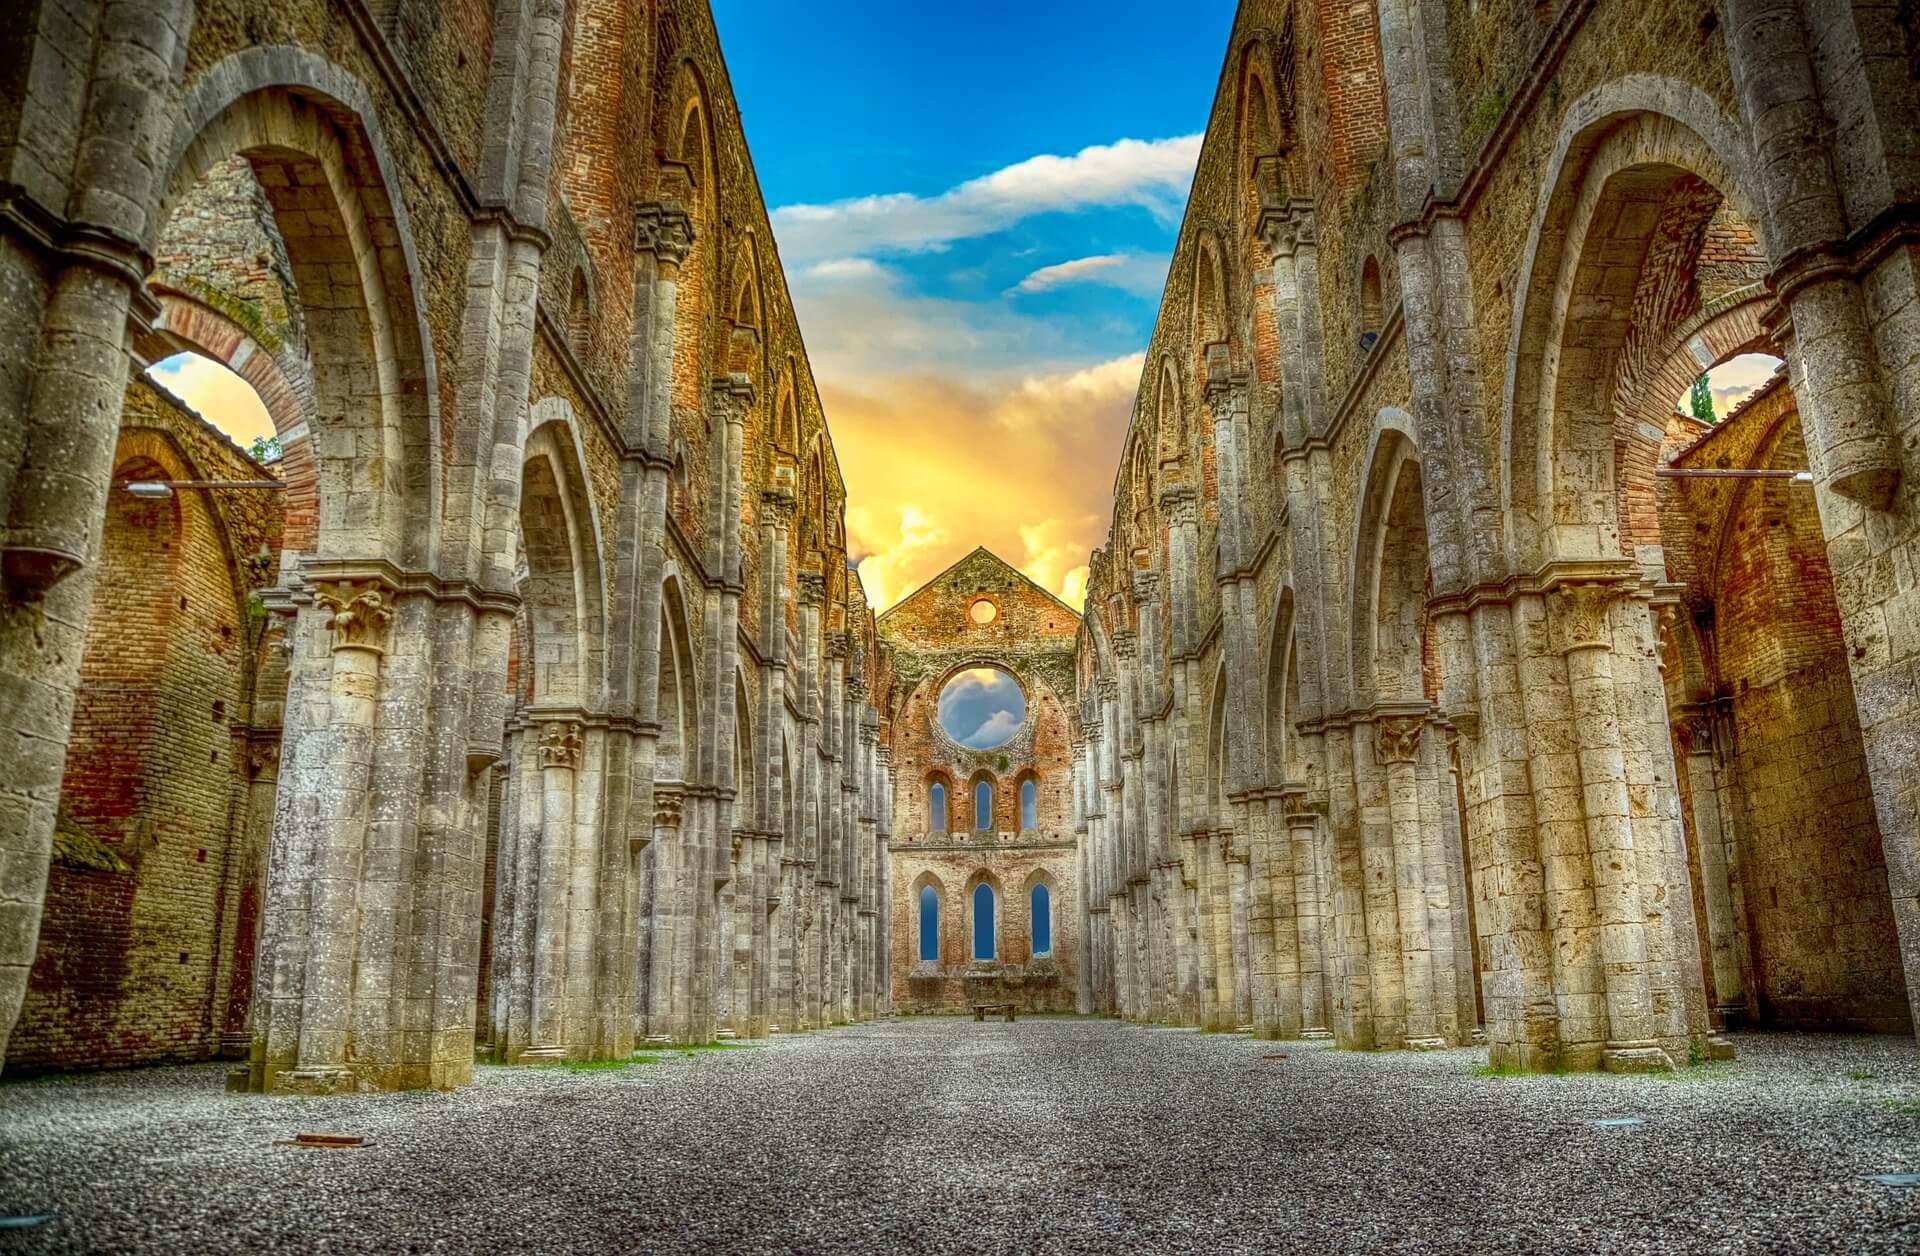 Ruinen einer Abtei. Symbolbild für Christentum in der Spätantike